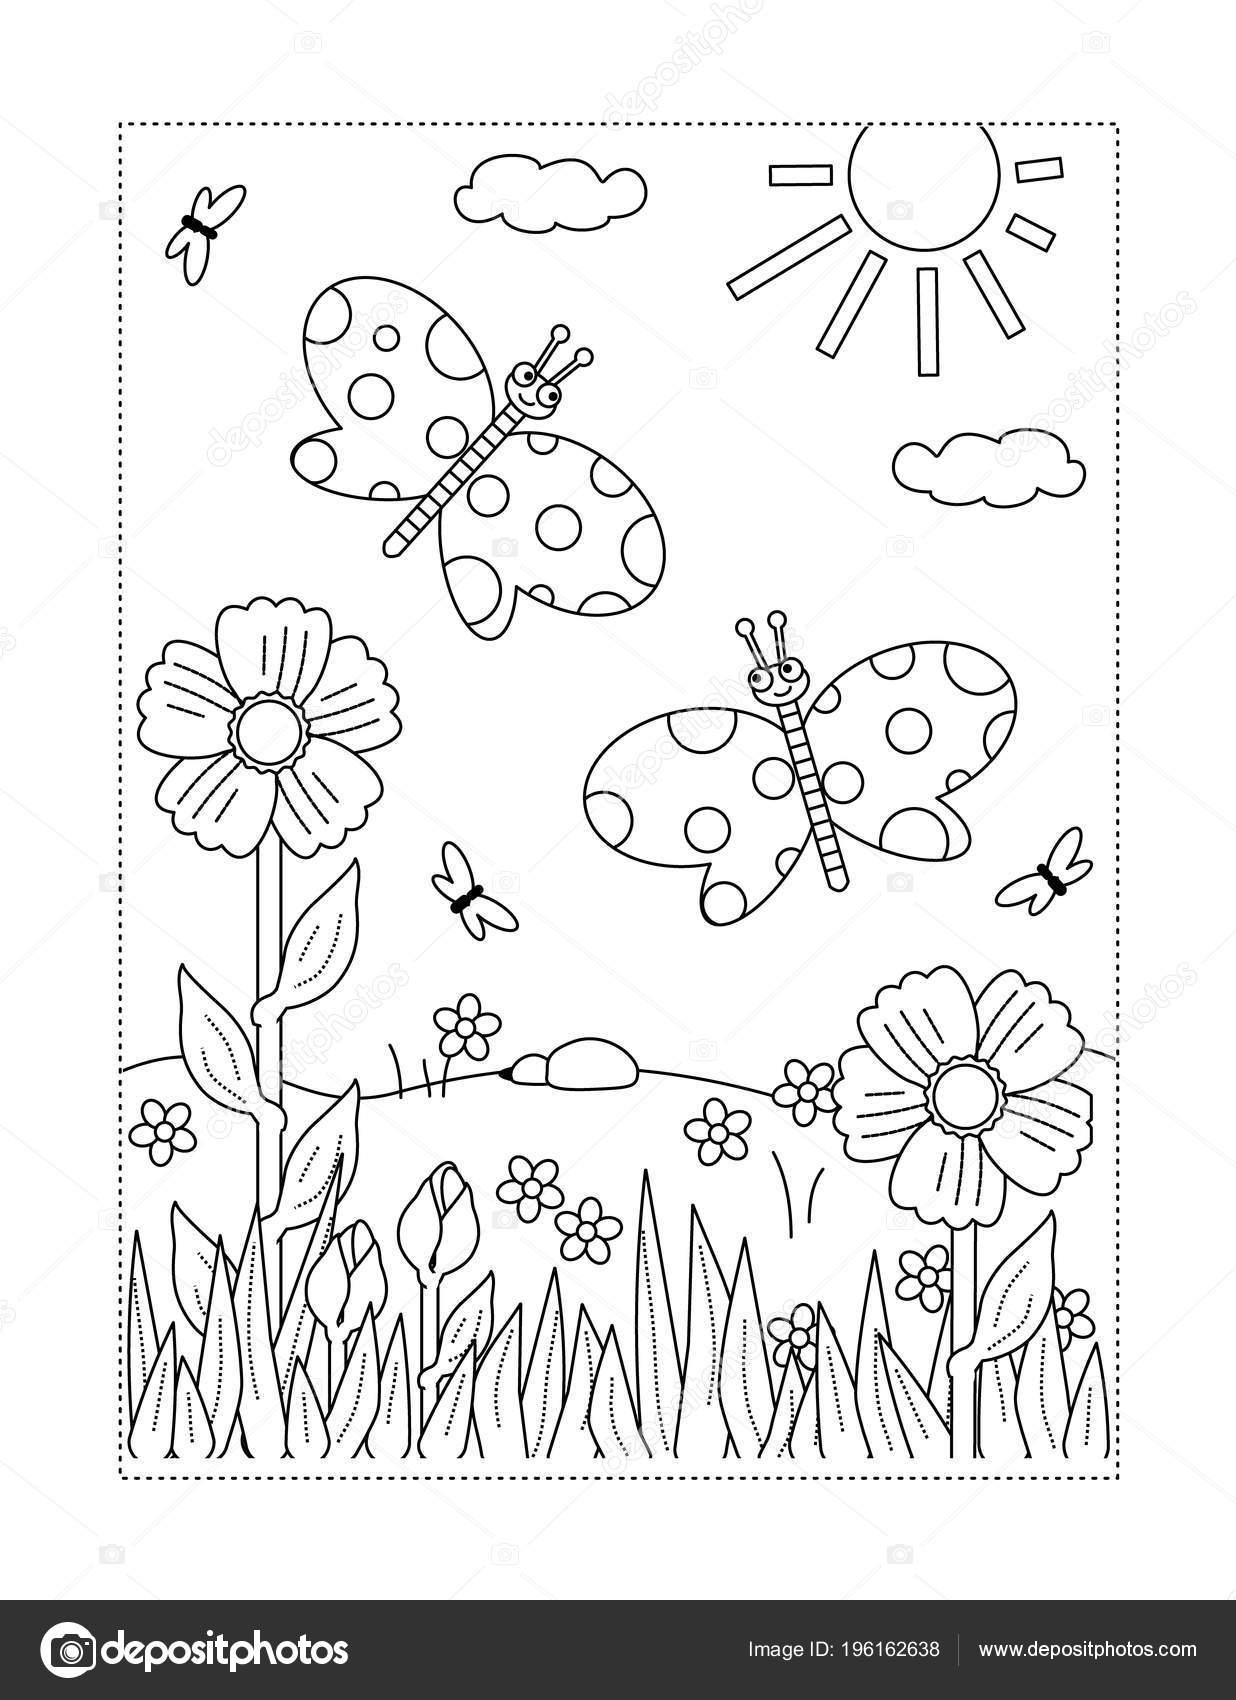 Kleurplaten Thema Zomer.Lente Zomer Vreugde Thema Kleurplaat Met Vlinders Bloemen